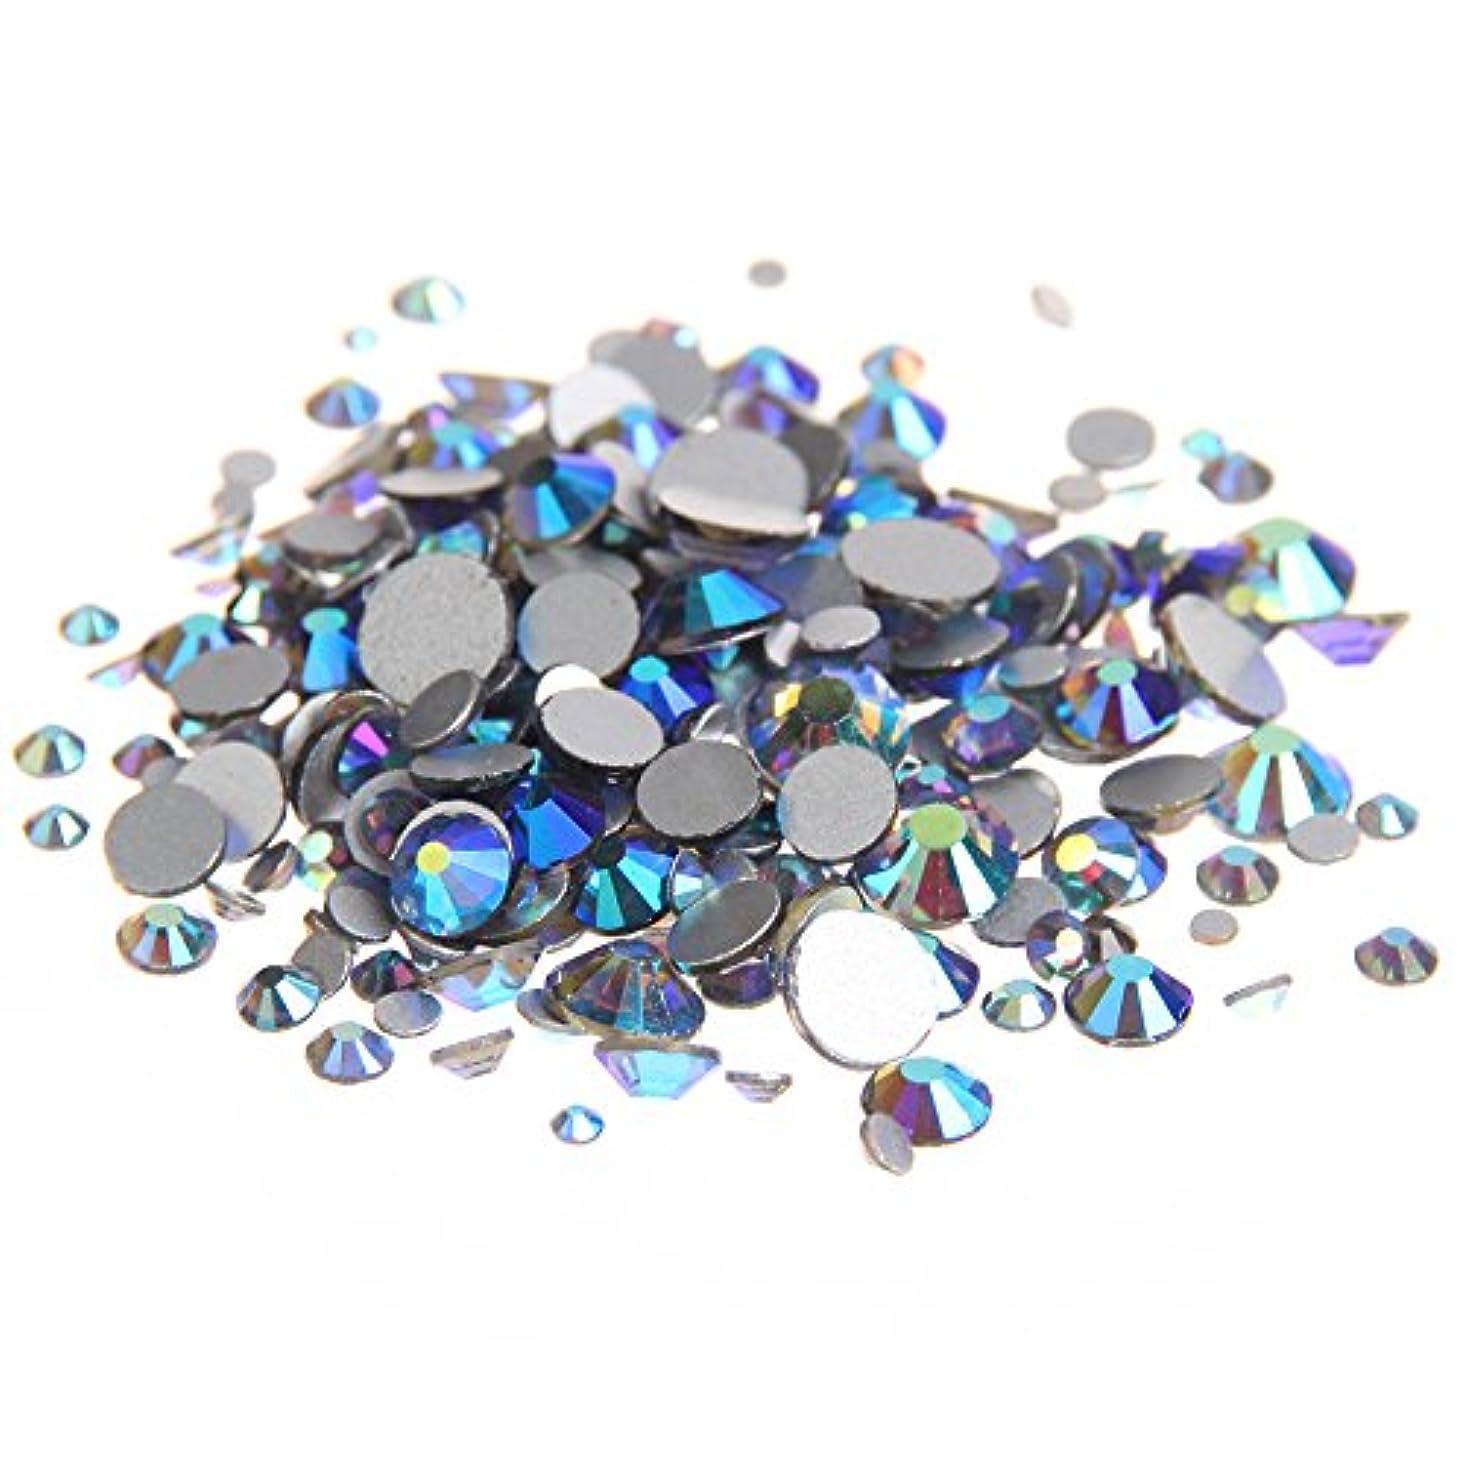 生きている分割床を掃除するNizi ジュエリー ブランド ブラックダイヤモンドオーロラ ラインストーン は ガラスの材質 ネイル使用 型番ss3-ss30 (SS6 1440pcs)